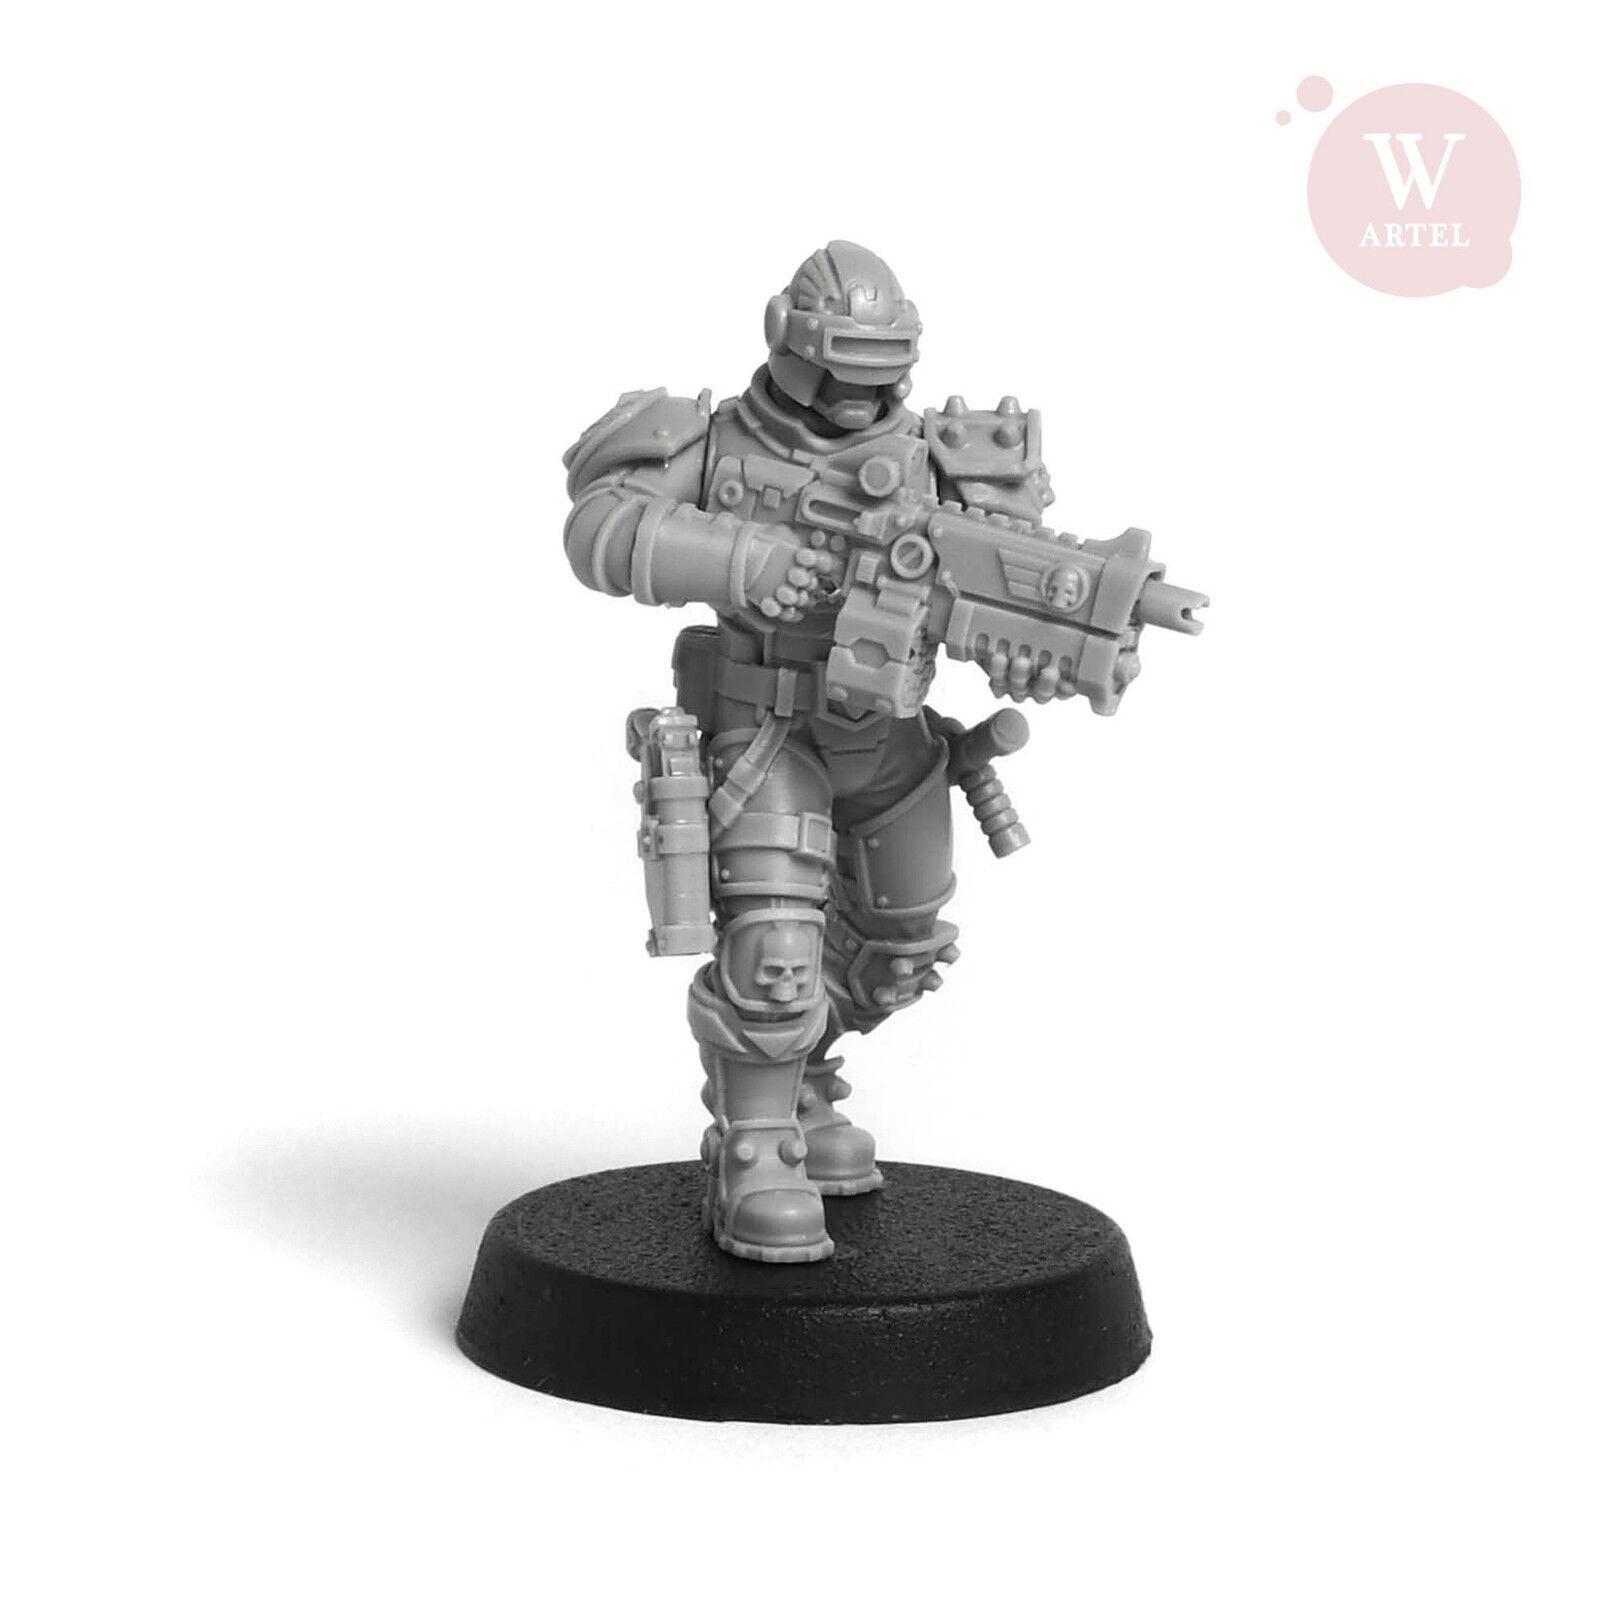 Law Law Law Enforcement Unidad Imperium Ejército Artel W Miniatures 6c9968